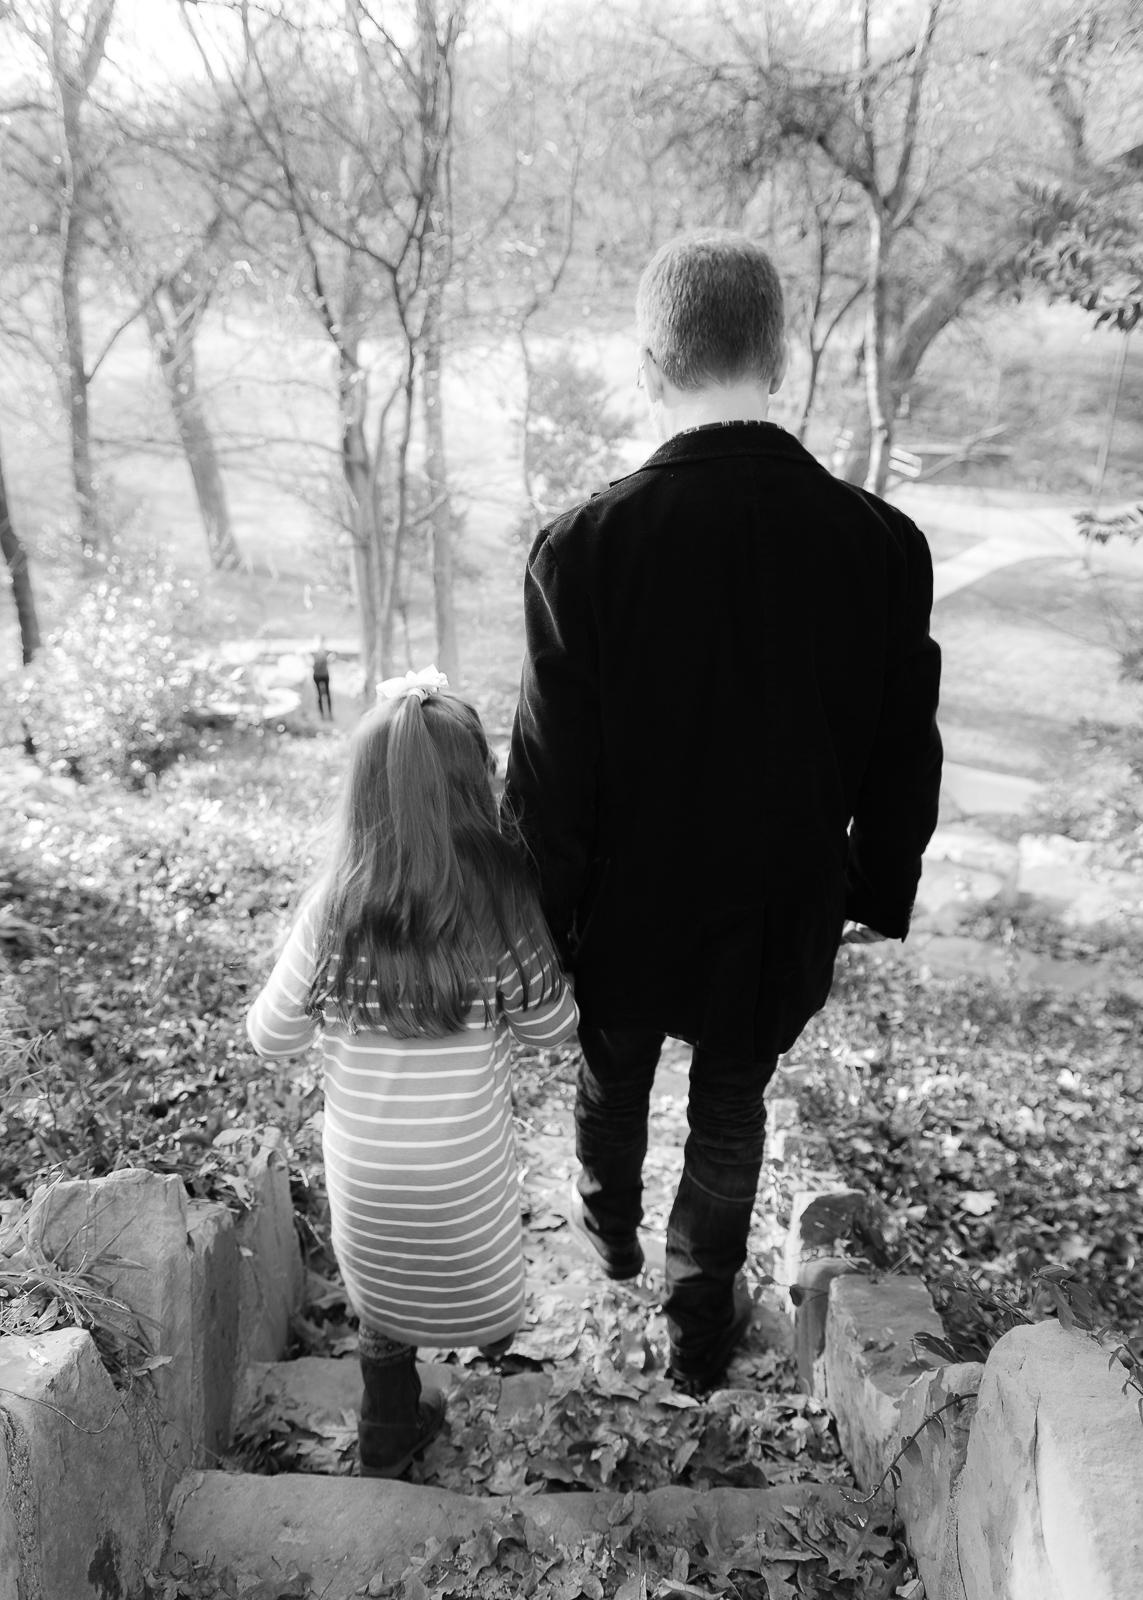 Michael-Napier-Portraits-Families-35.jpg